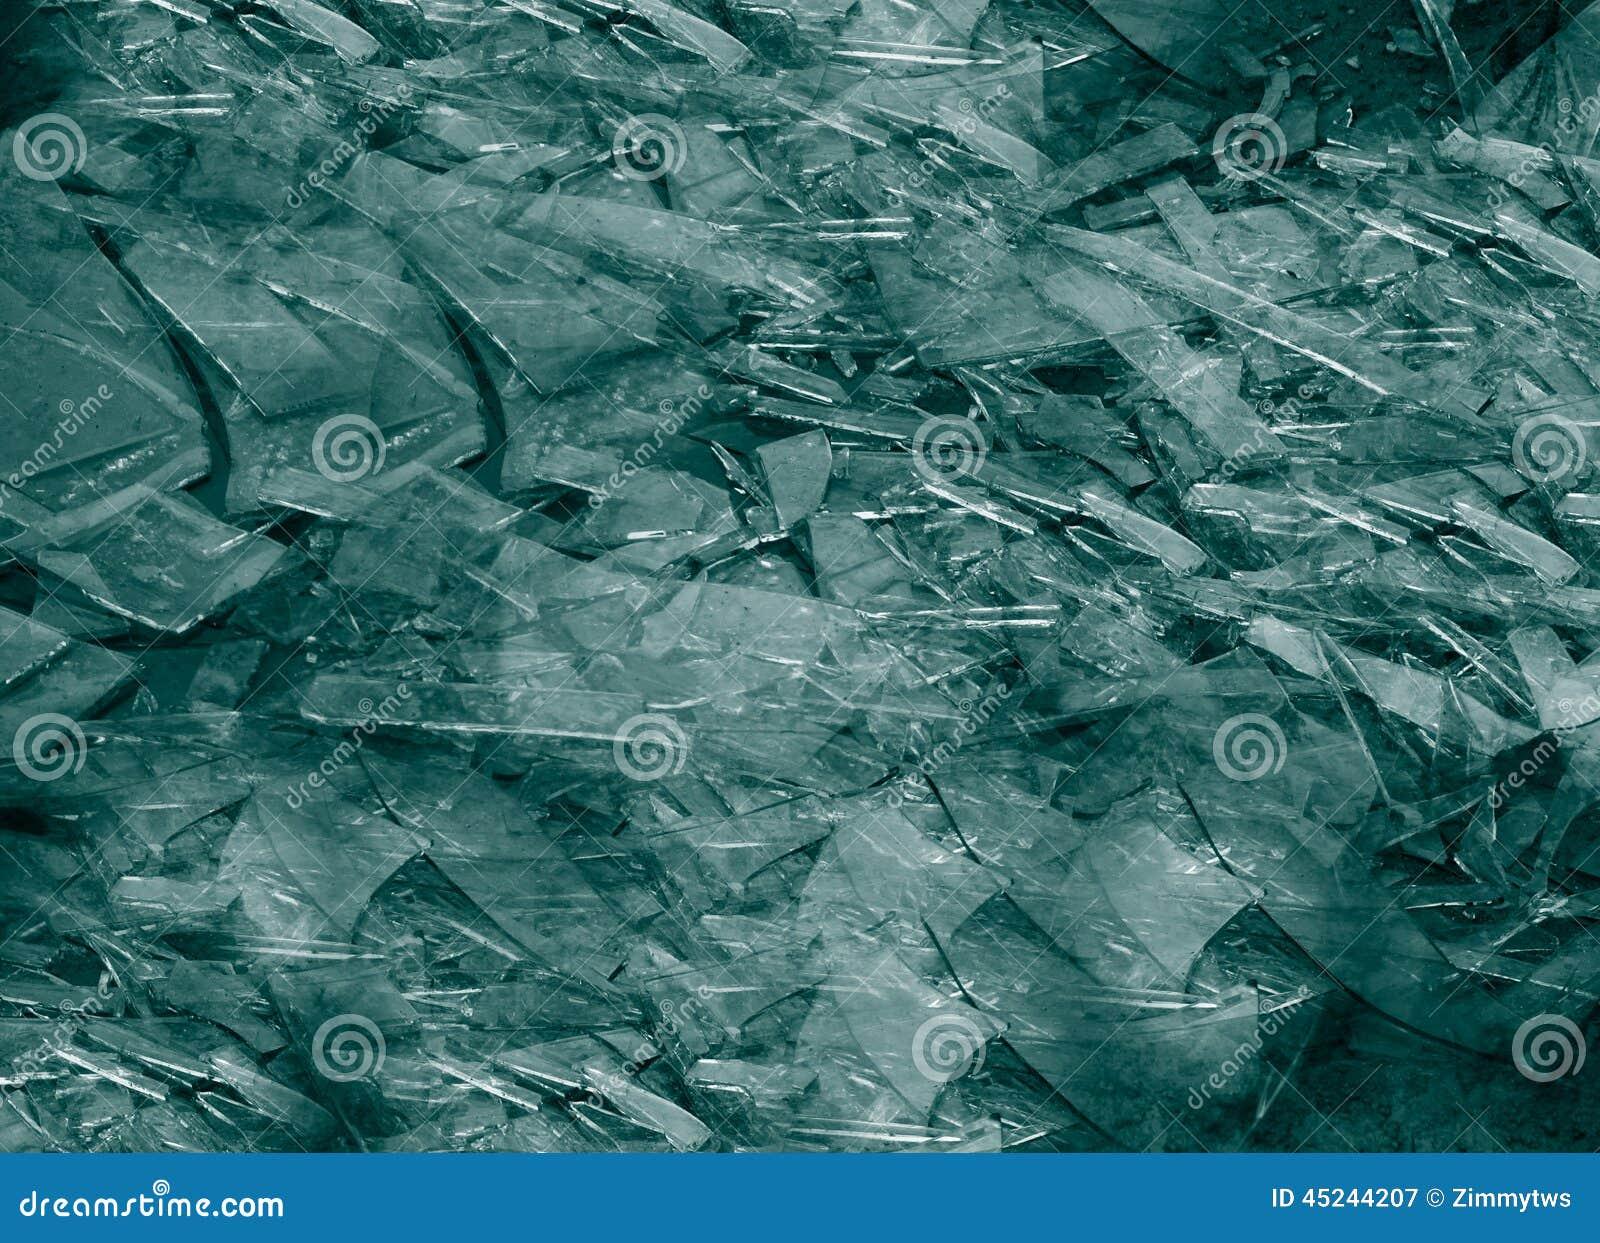 Broken glass shards stock image. Image of sharp, break ...